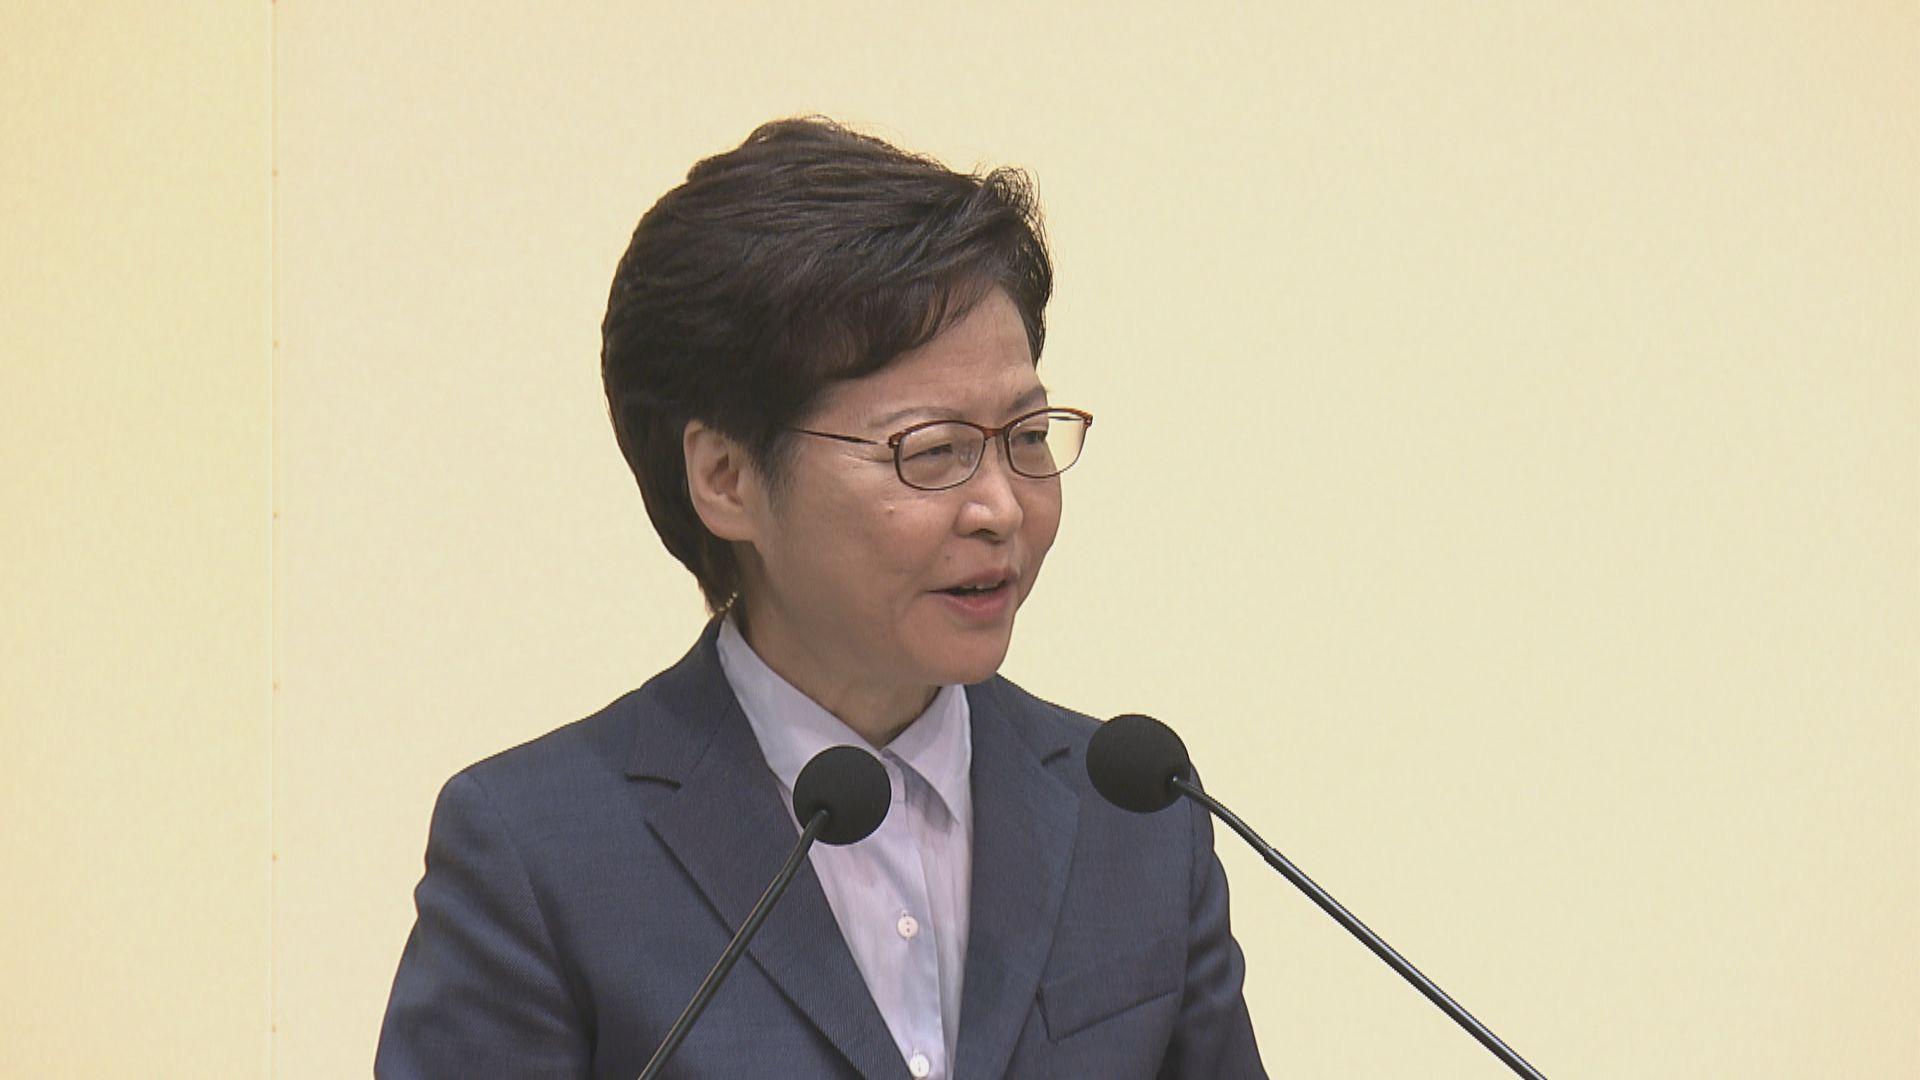 【最新】林鄭:回港易更改為政府內部調整 非因外部壓力